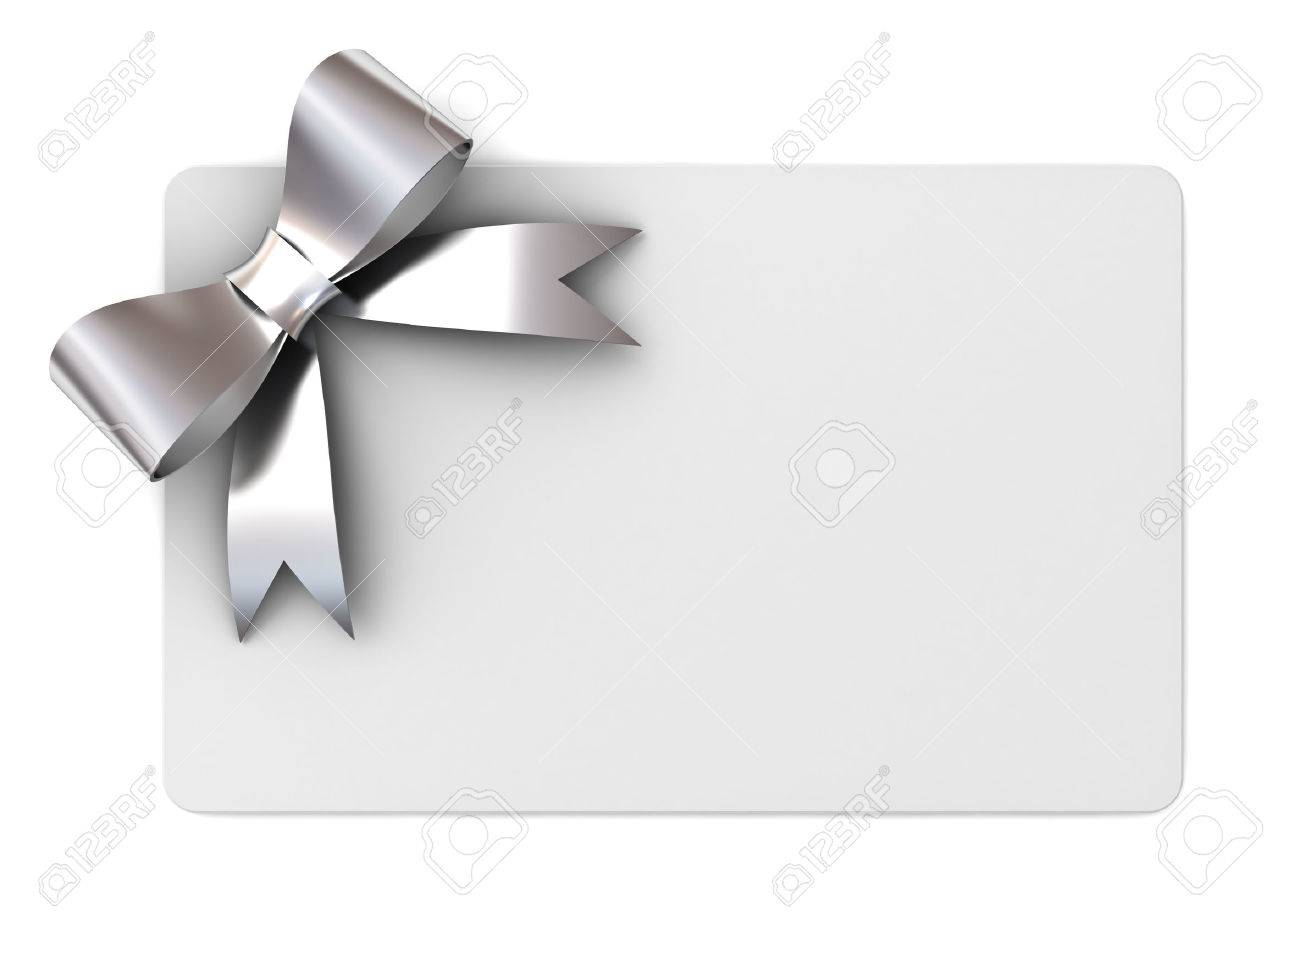 carte-cadeau Blank avec des rubans d'argent et bow notion isolé sur fond blanc Banque d'images - 46721296